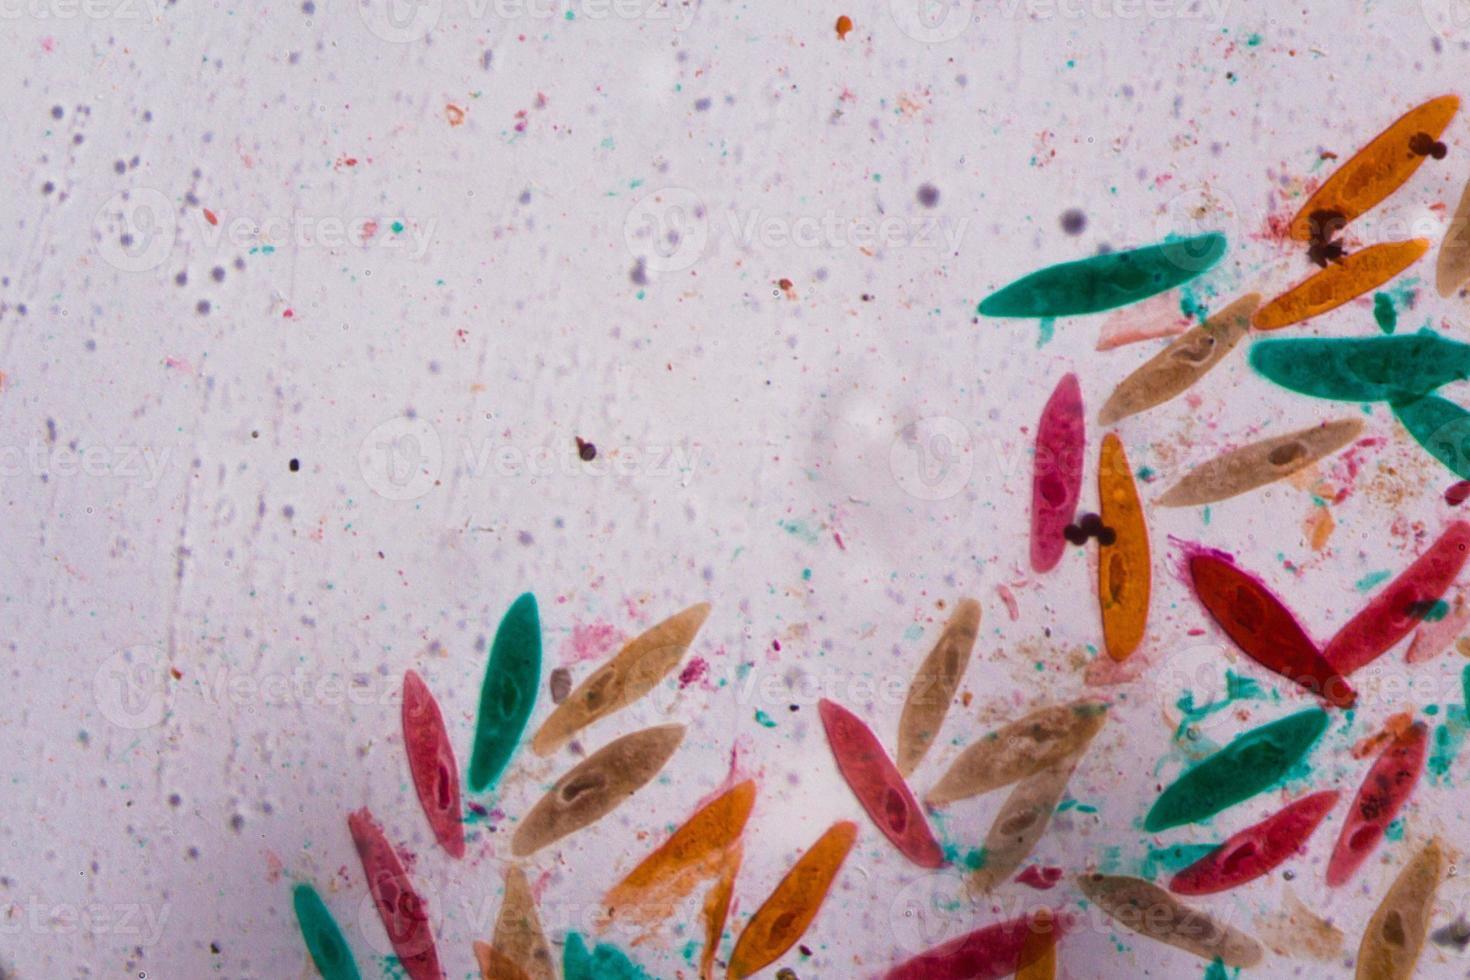 paramecium caudatum onder de microscoop - abstracte vormen in de kleur van groen, rood, oranje en bruin op een witte achtergrond foto